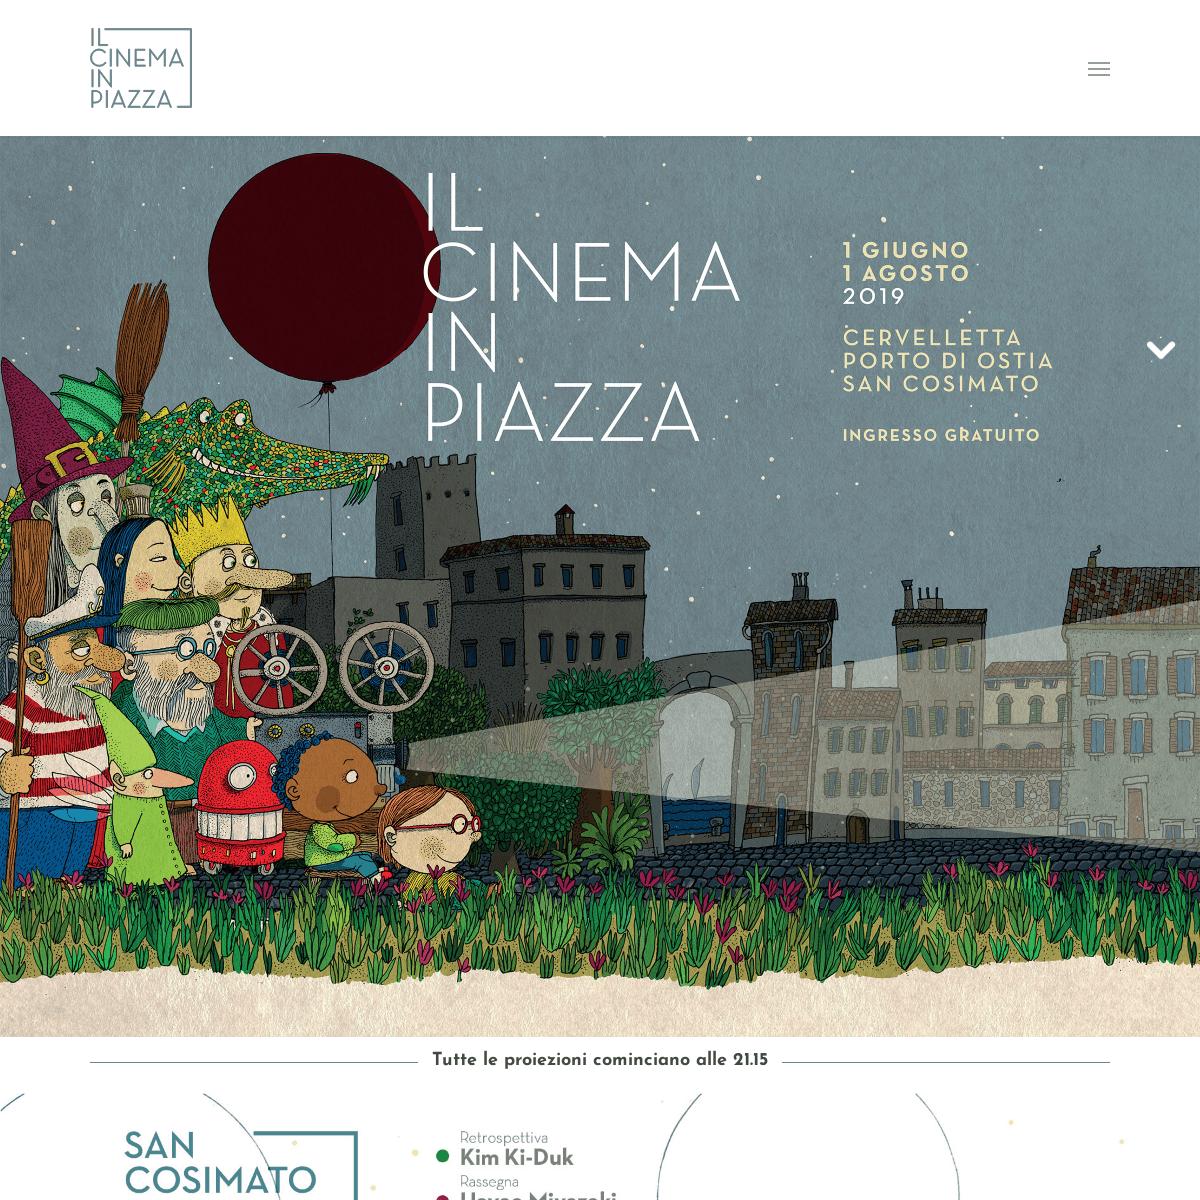 Il Cinema in Piazza - Roma- arene di San Cosimato, Cervelletta e Ostia